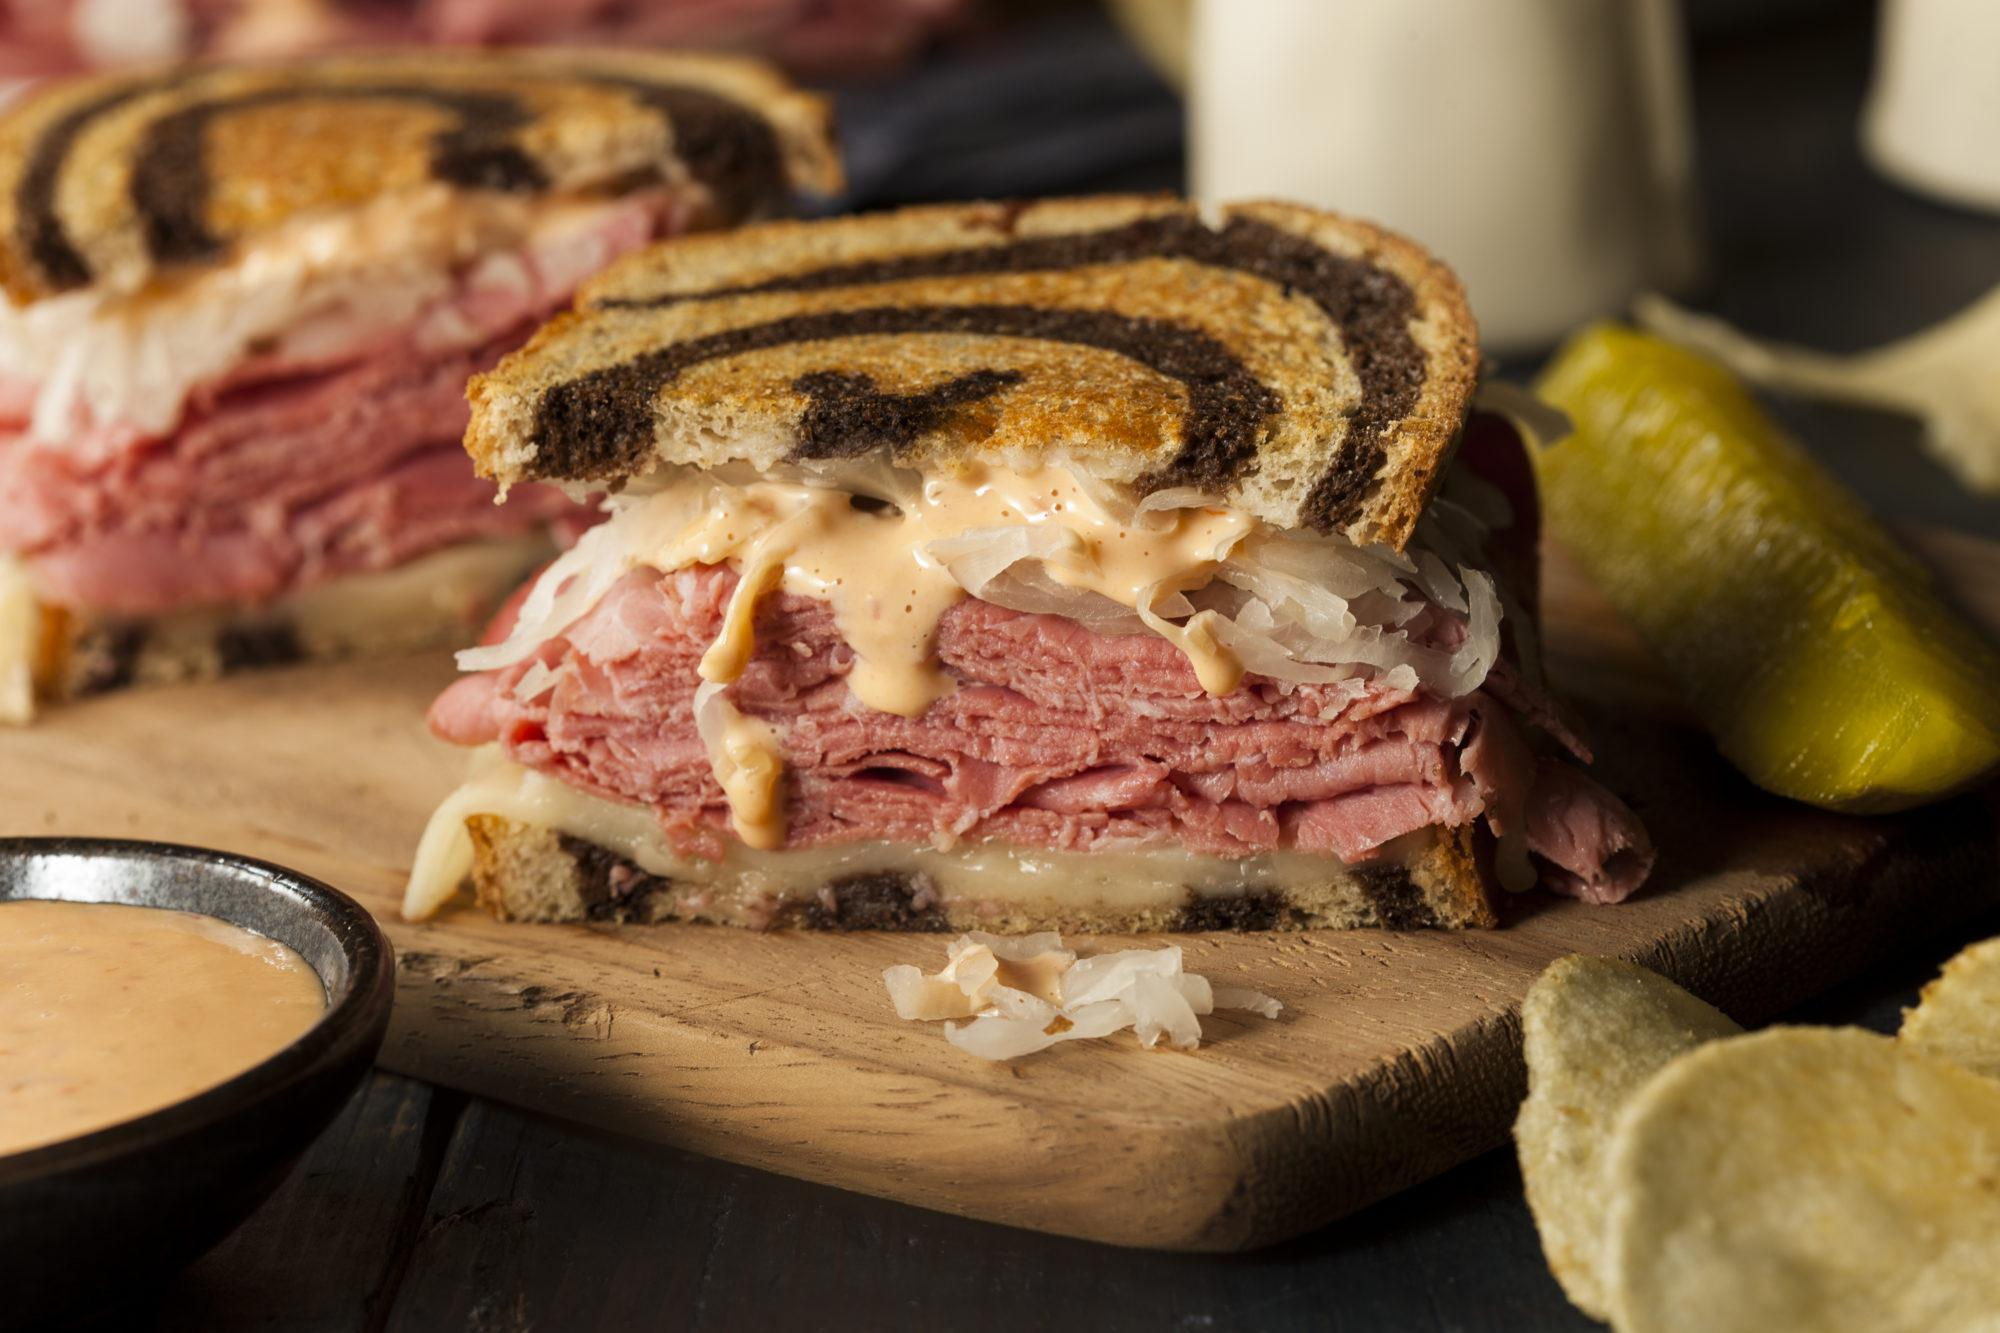 鲁本三明治配大理石黑麦面包, 咸牛肉, 瑞士硬干酪, 泡菜, 还有千岛酱汁. 照片背景是薯条和泡菜.